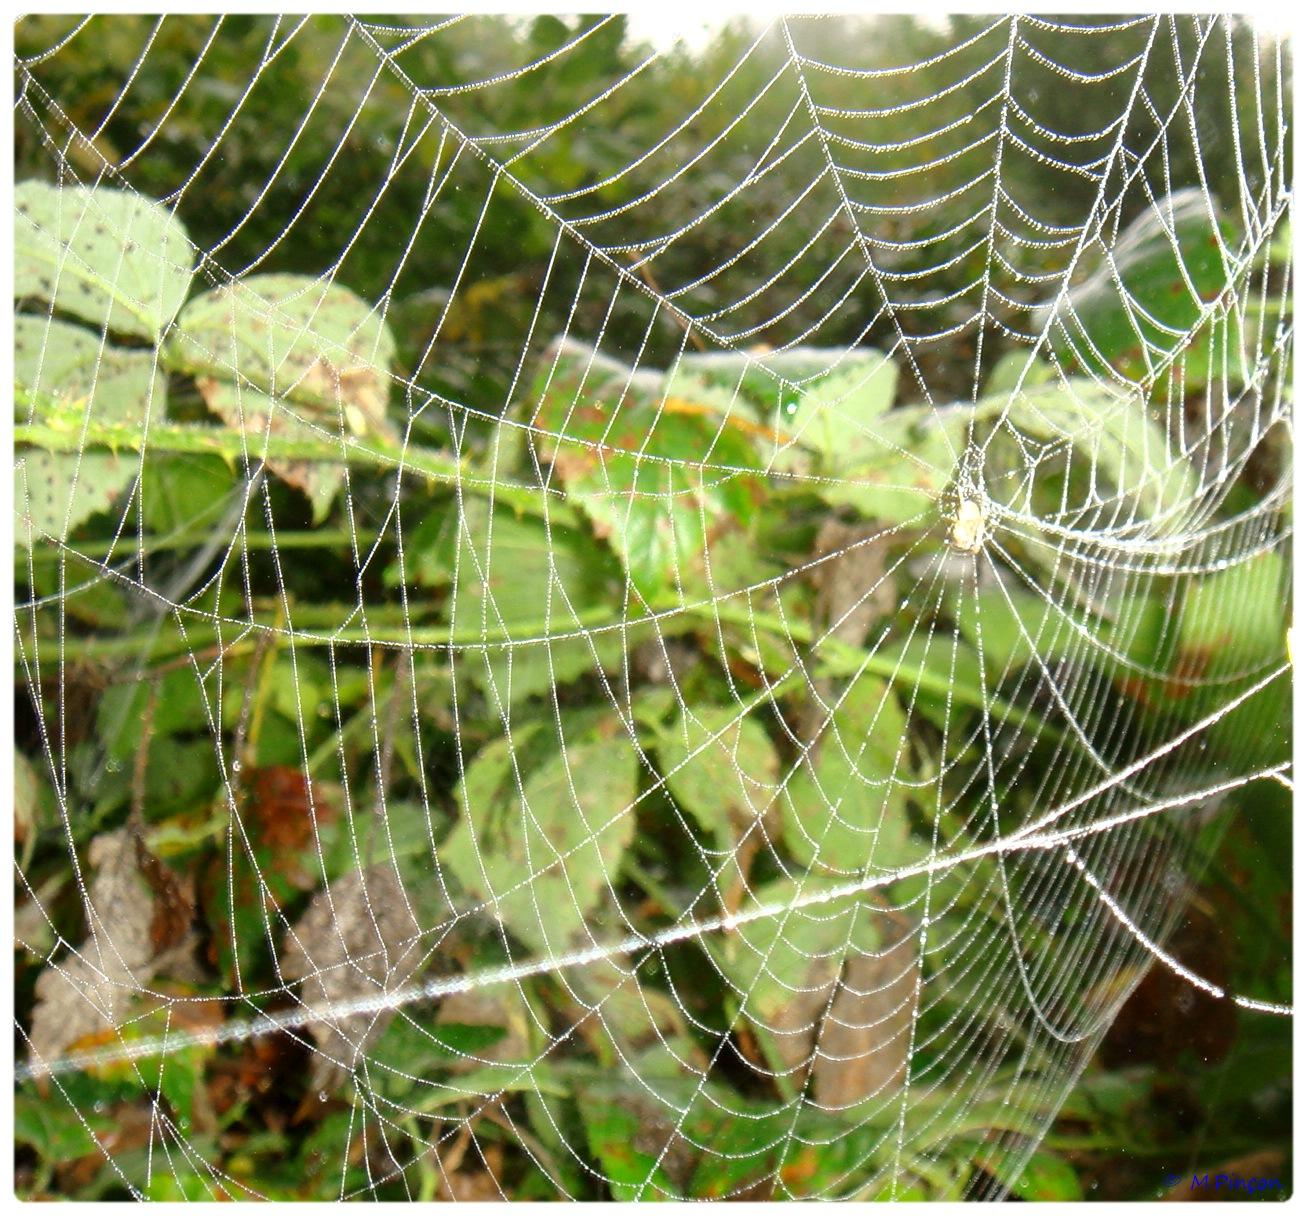 (FIL OUVERT à tous) vous aimez les araignées? - Page 5 890302DSC011285